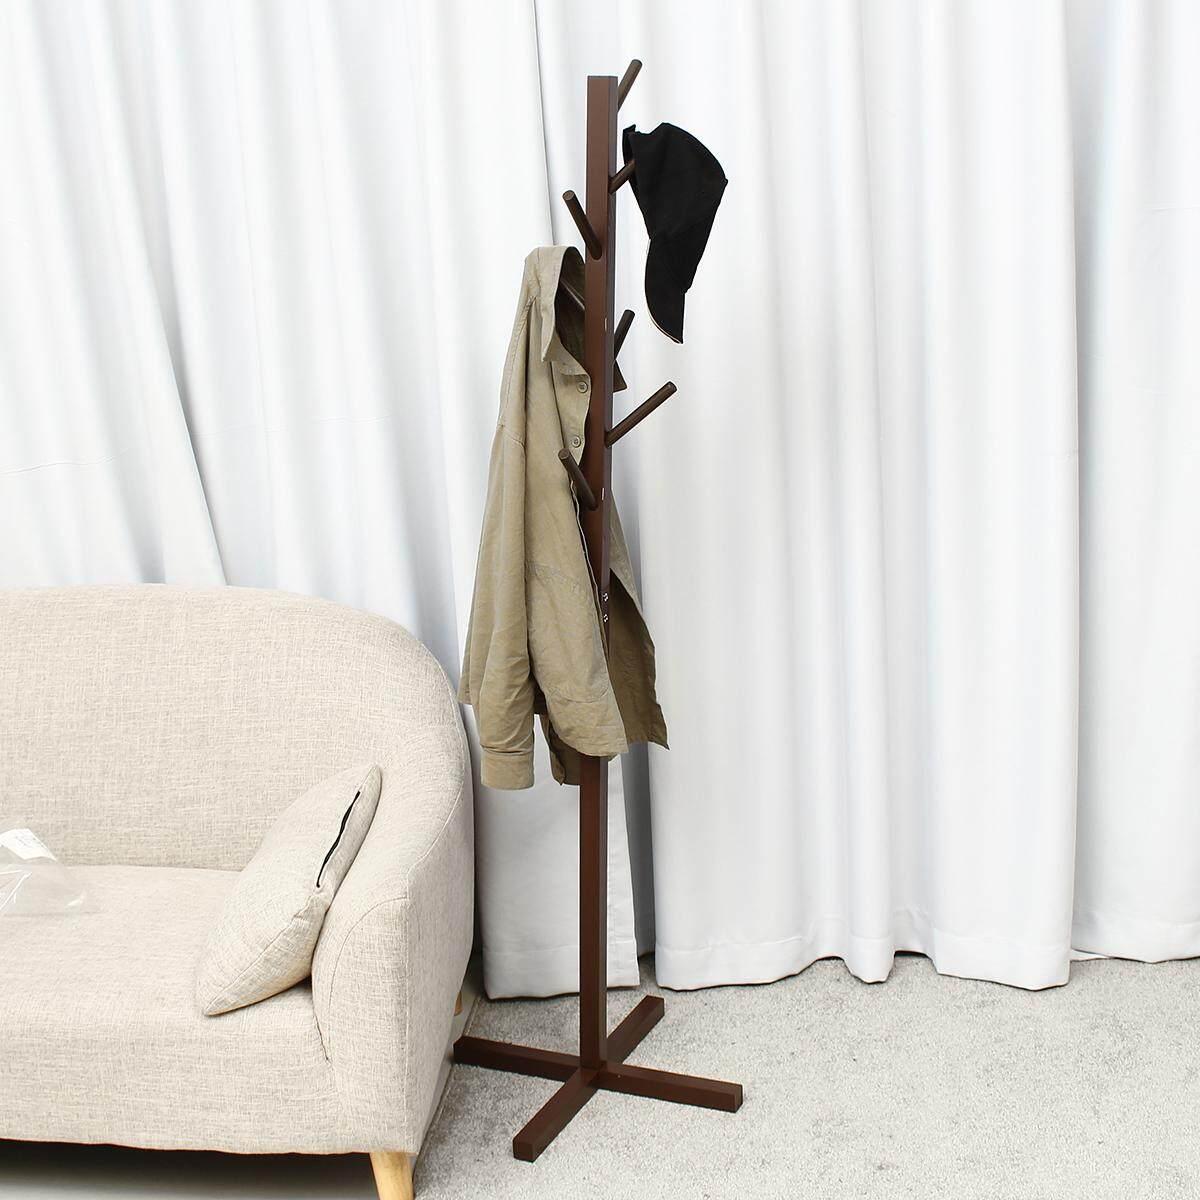 Miraculous Mu Ma Ren Simple Solid Wood Floor Coat Rack Living Room Bedroom Hanger Storage Rack Sizea Renting Decoration Download Free Architecture Designs Rallybritishbridgeorg